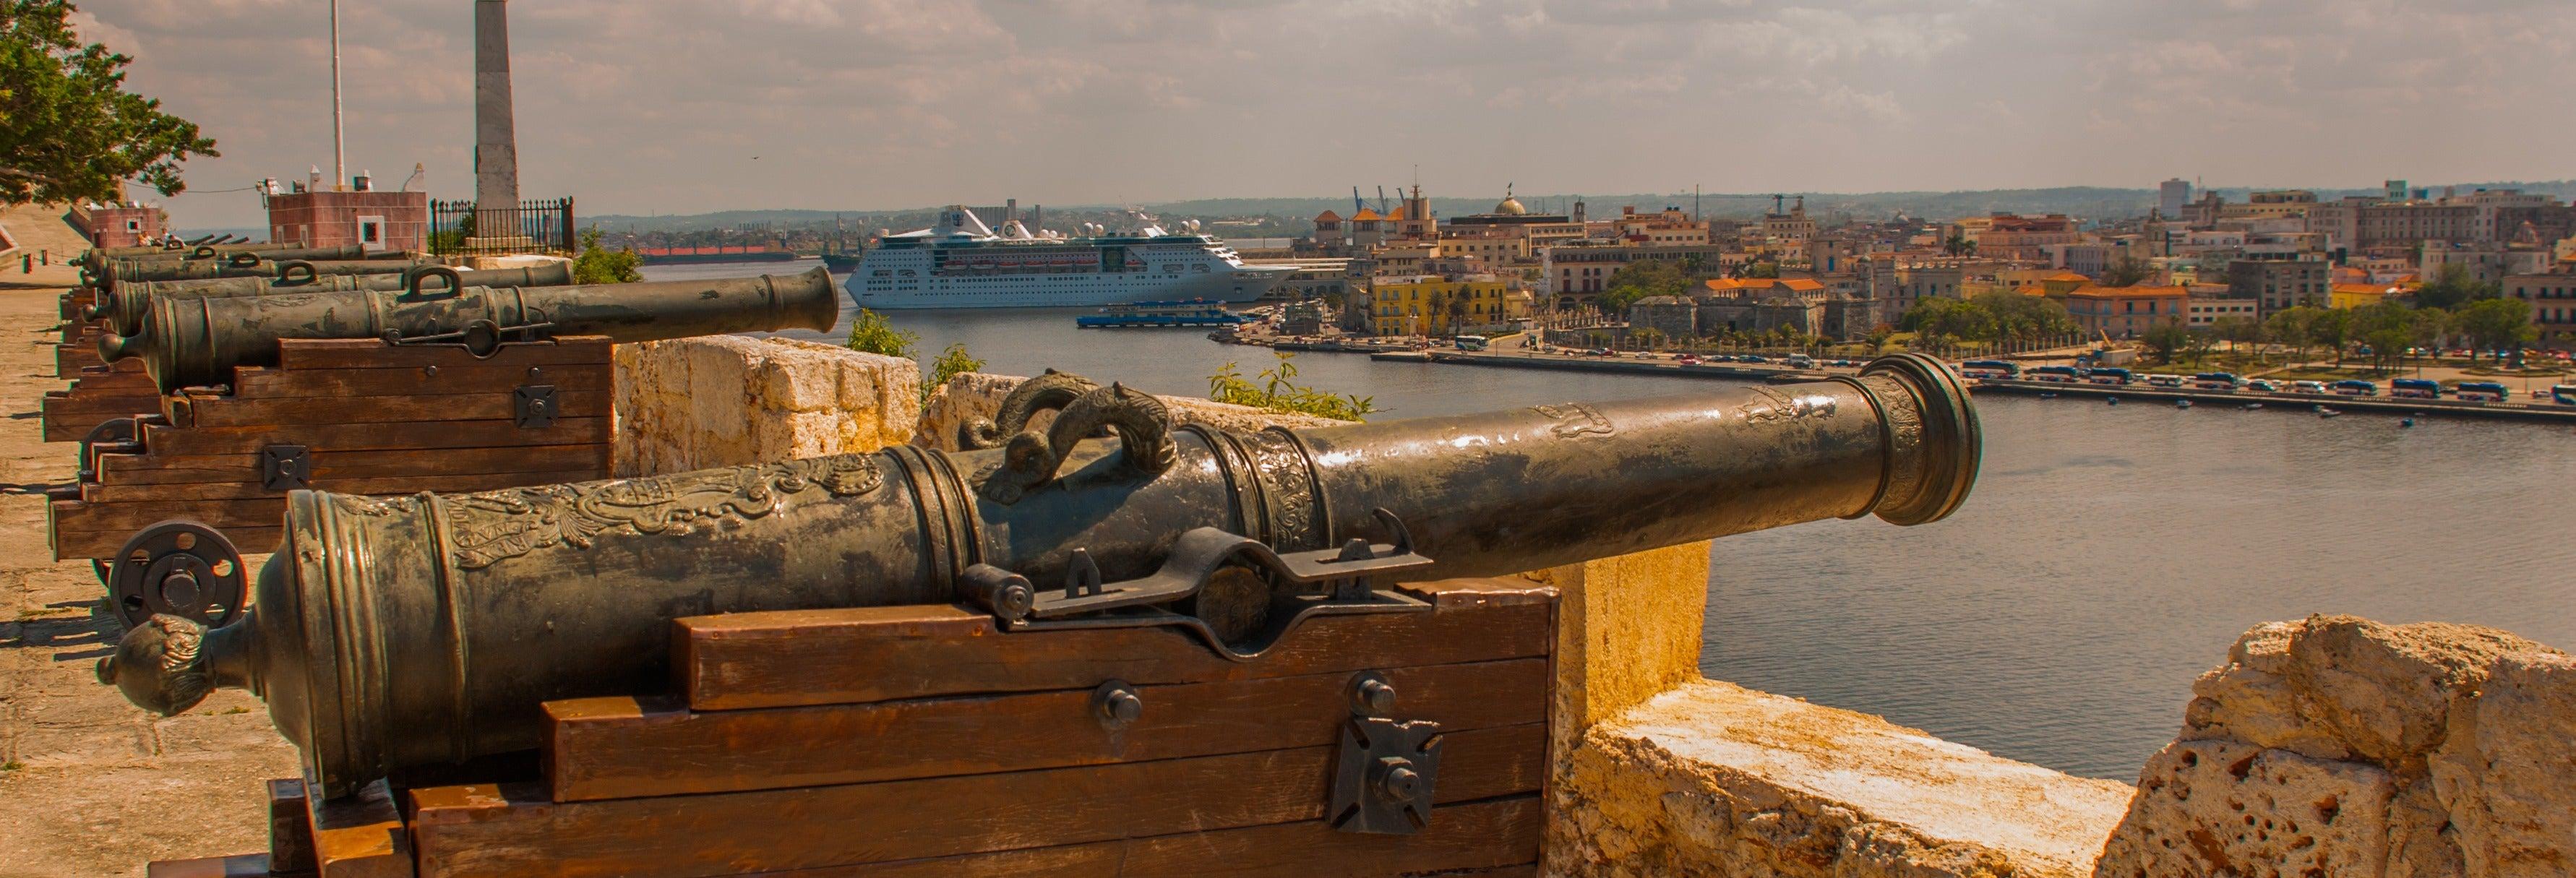 Havana Tour, Cannon Firing Ceremony & Dinner